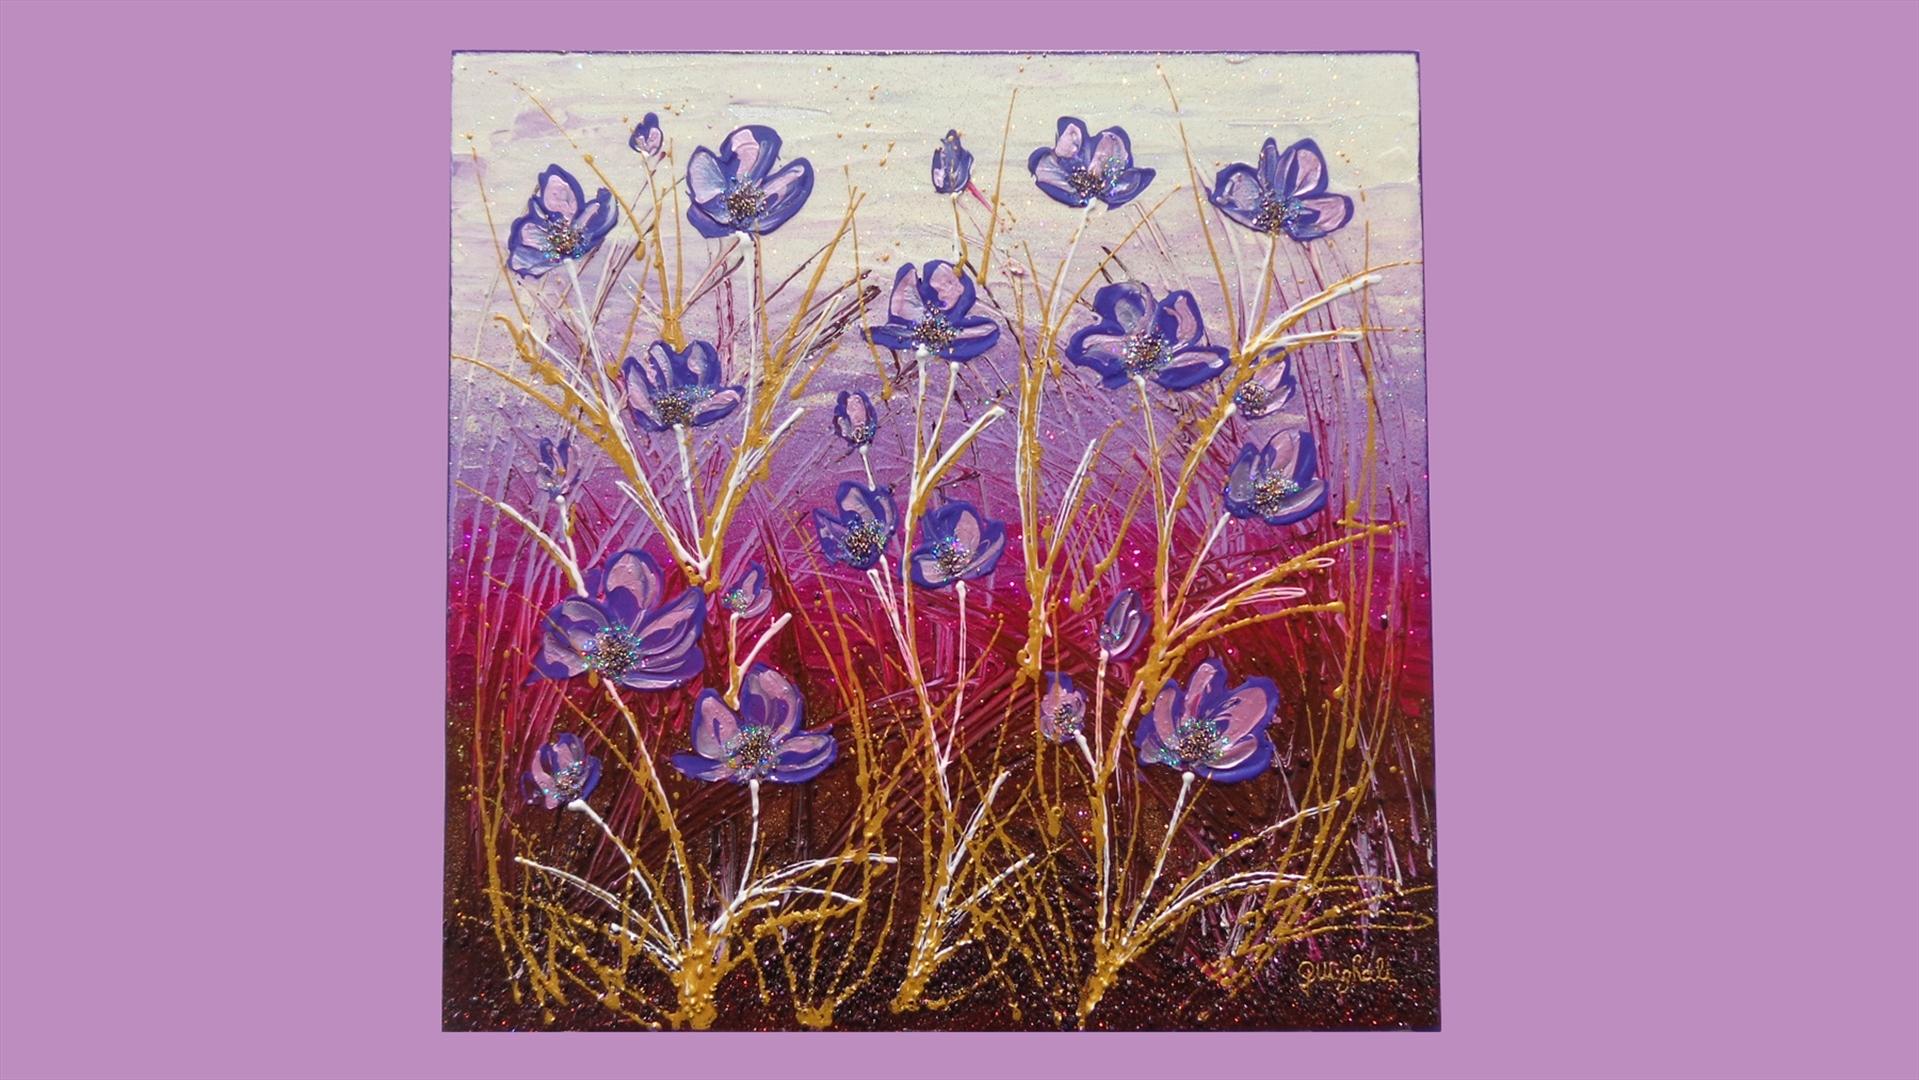 Fiori astratti viola vendita quadri online quadri for Immagini di quadri con fiori